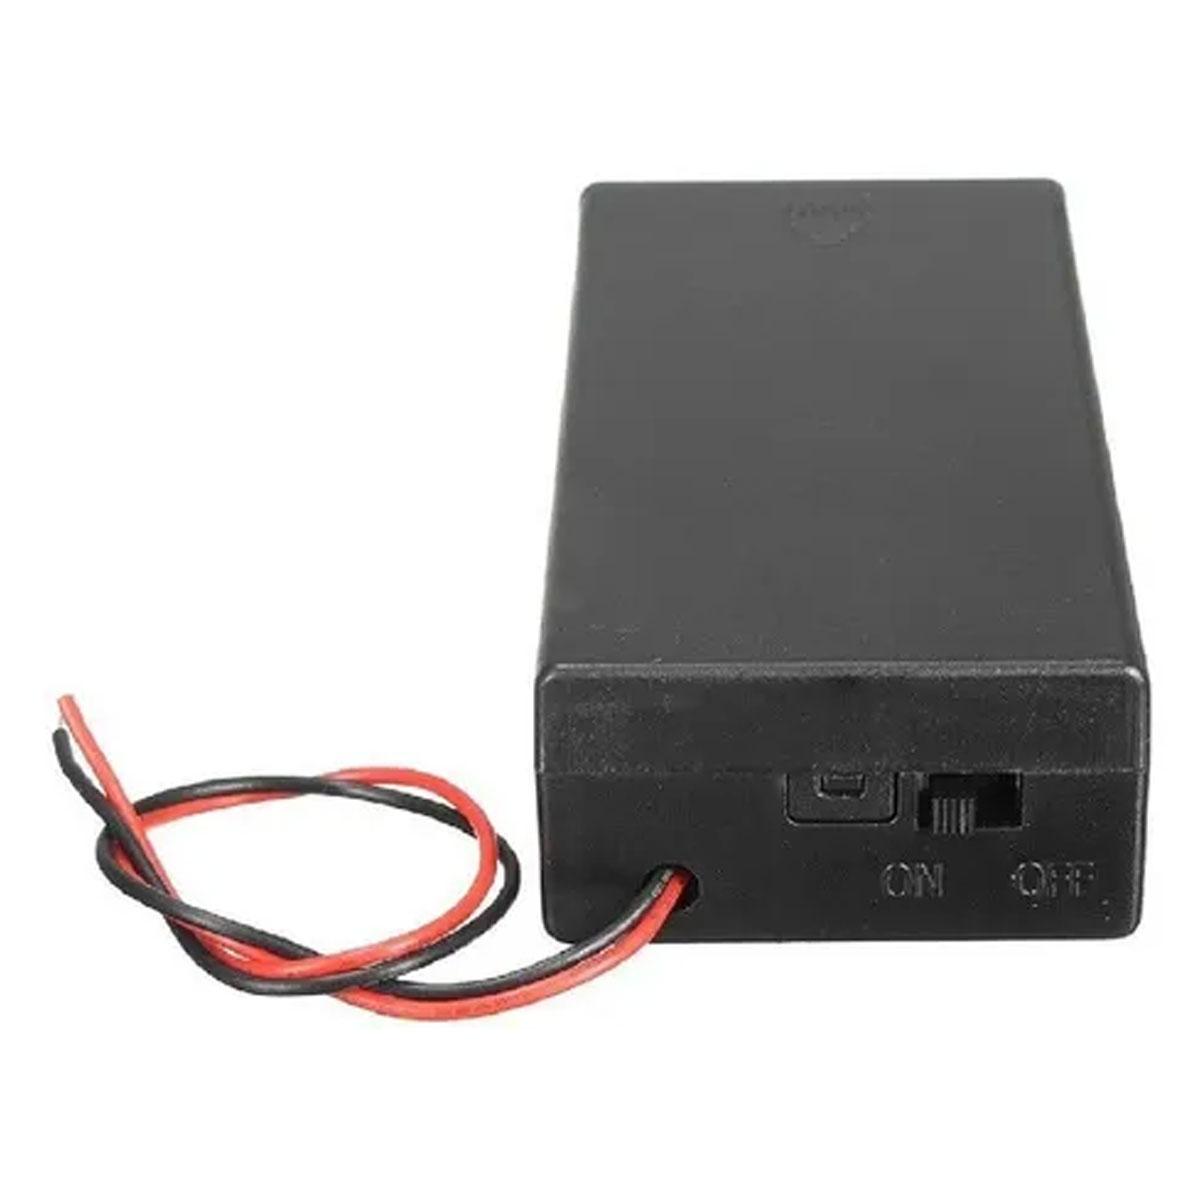 Suporte / Case para 2 Baterias 18650 com Chave ON/OFF